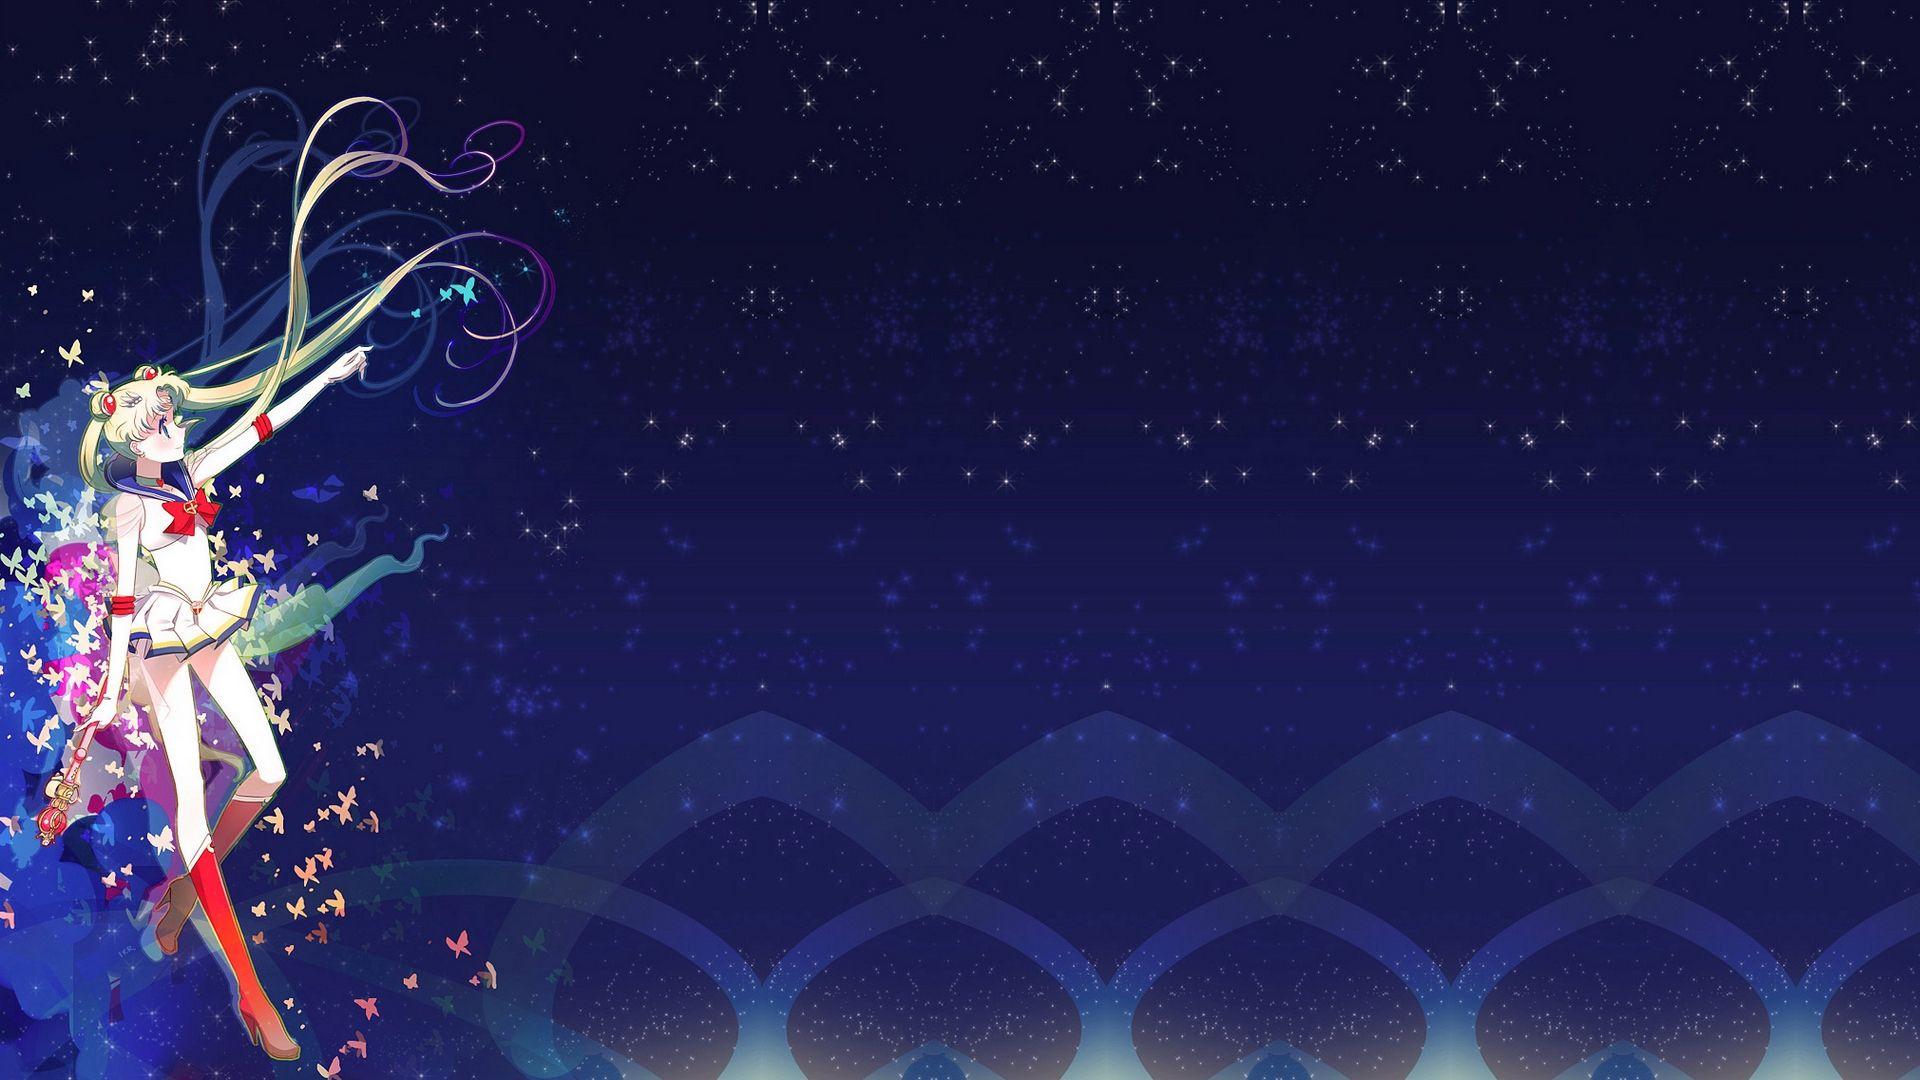 Sailor Moon HD desktop wallpaper High Definition Fullscreen